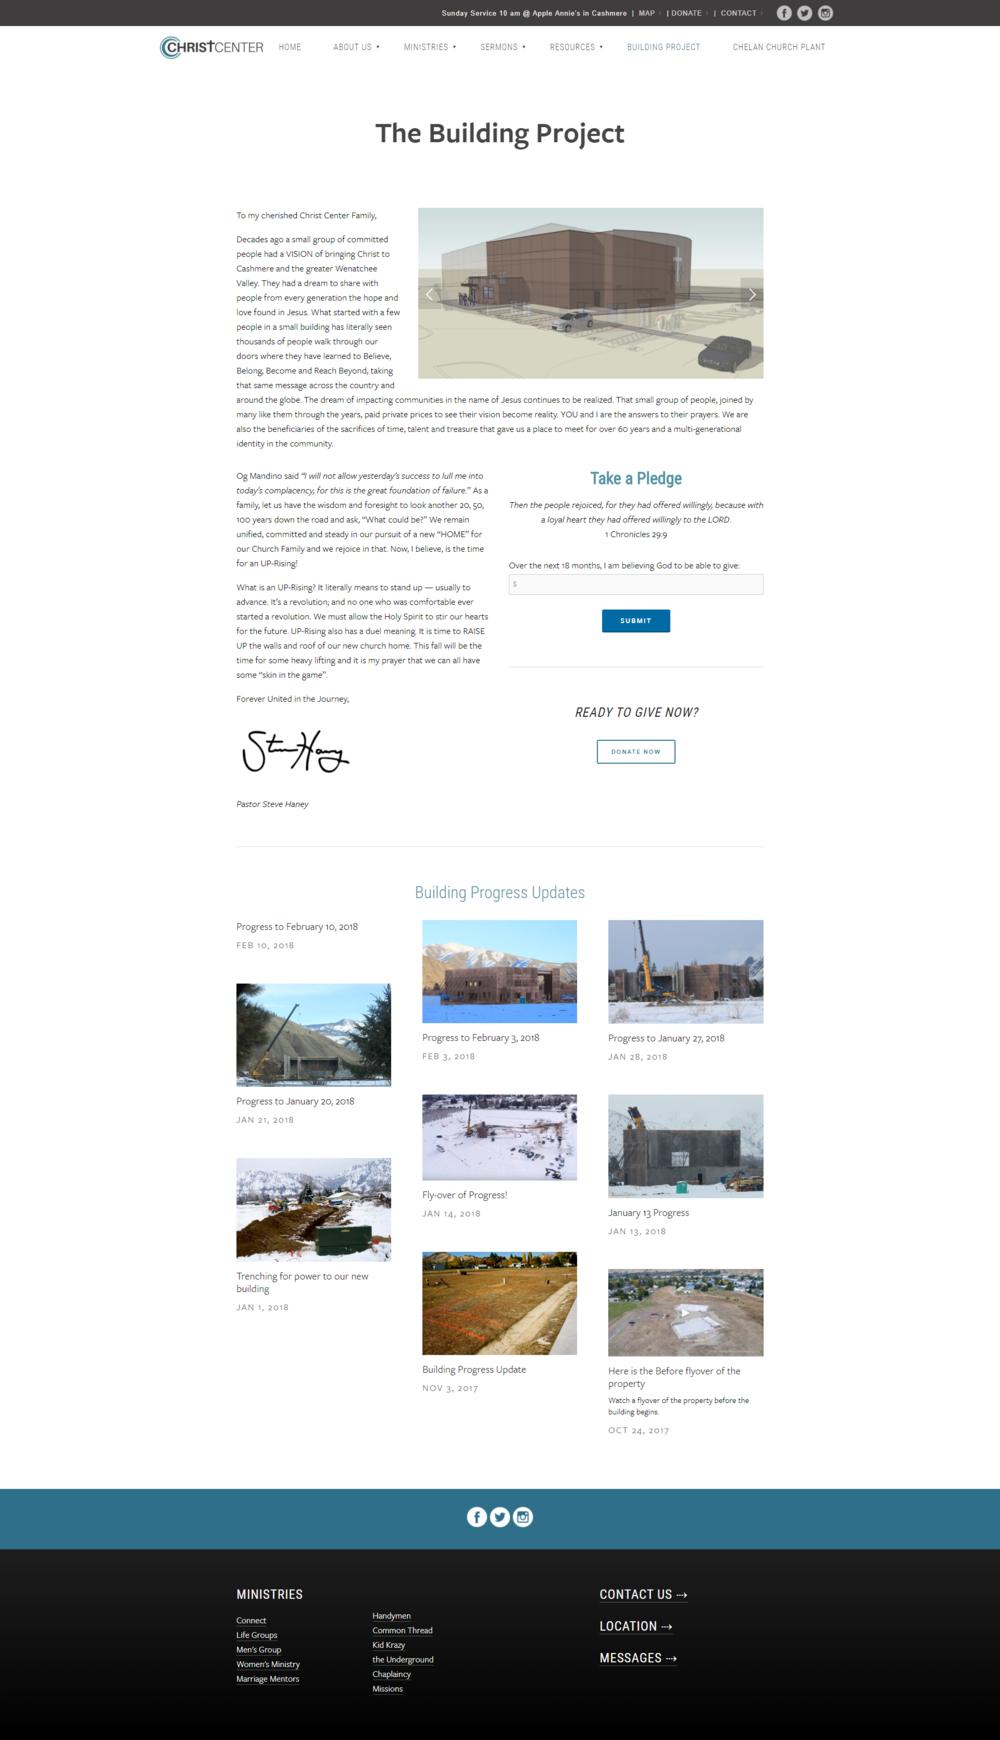 screencapture-christcentercashmere-building-project-1518893025624.png